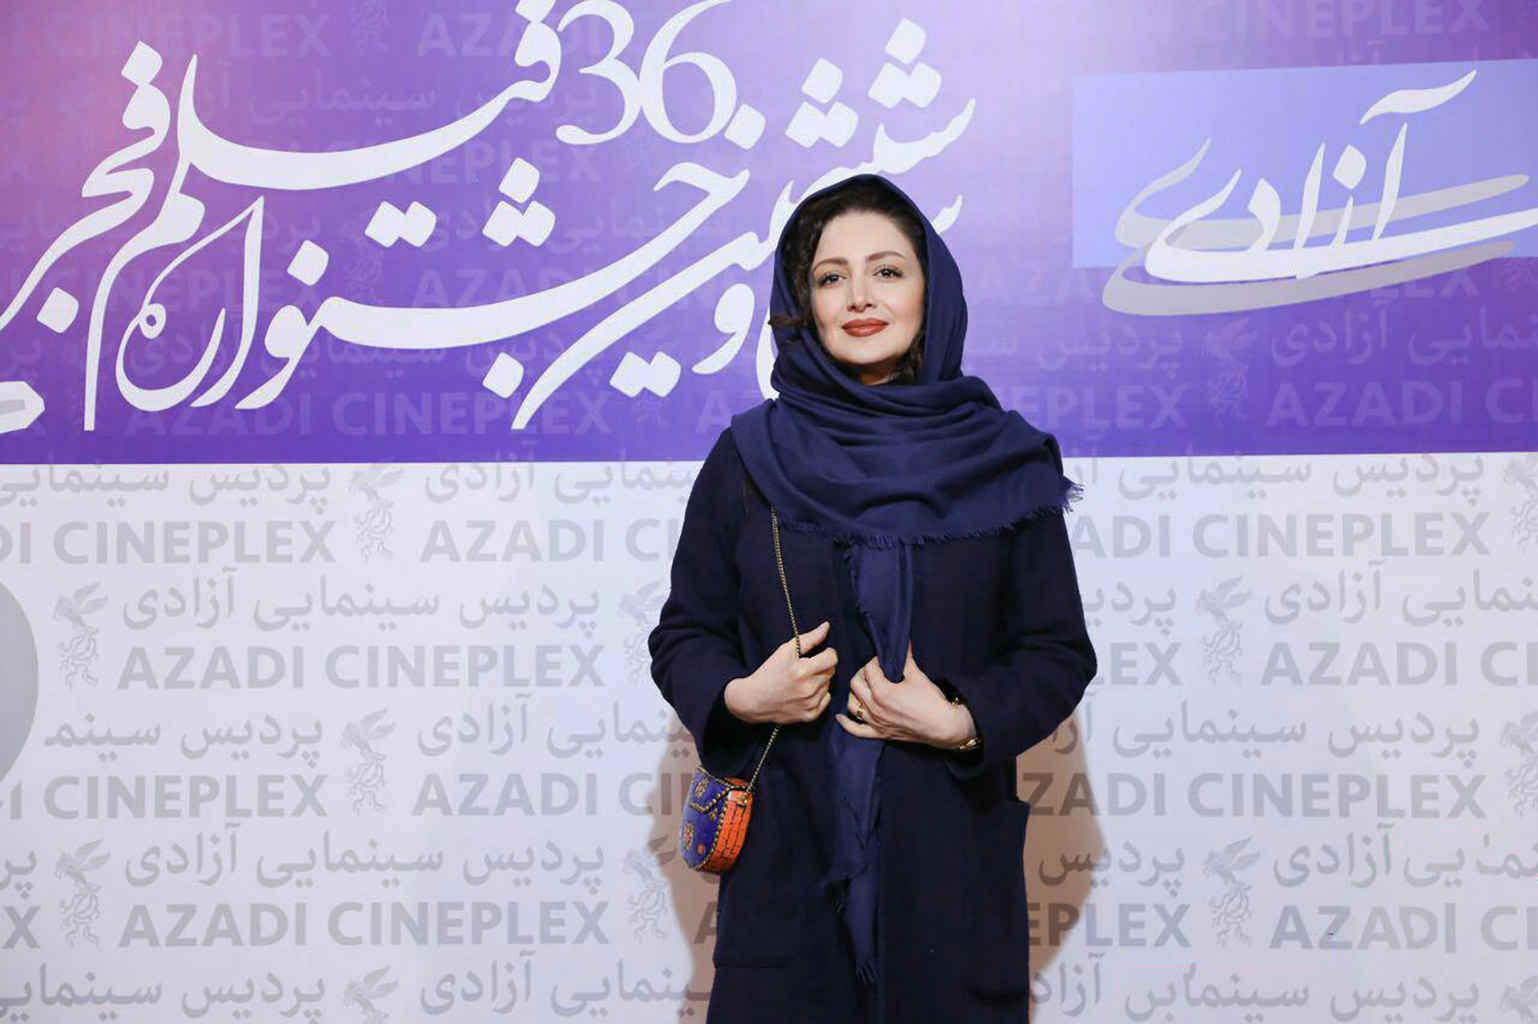 شیلا خداداد بازیگر گلشیفته در جشنواره فیلم فجر